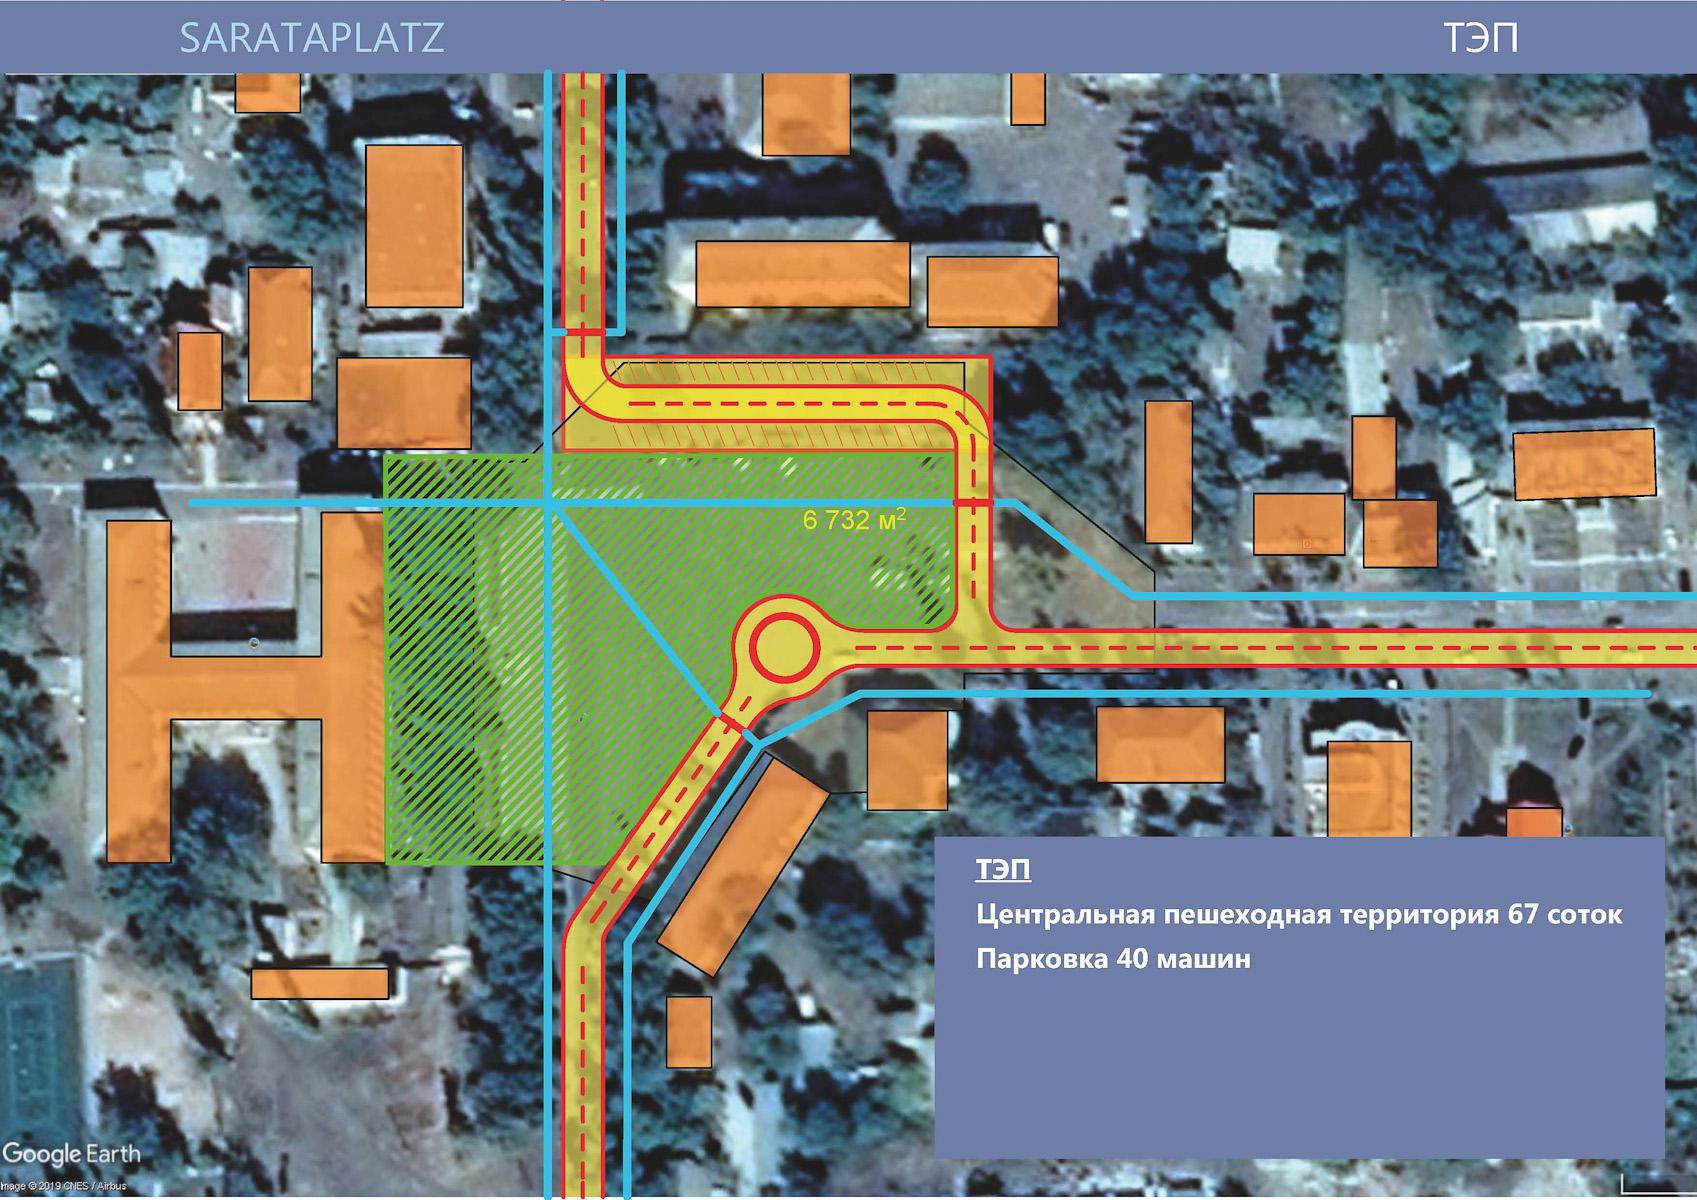 URDI Обсуждение вариантов реновации площади Сараты_Страница_11